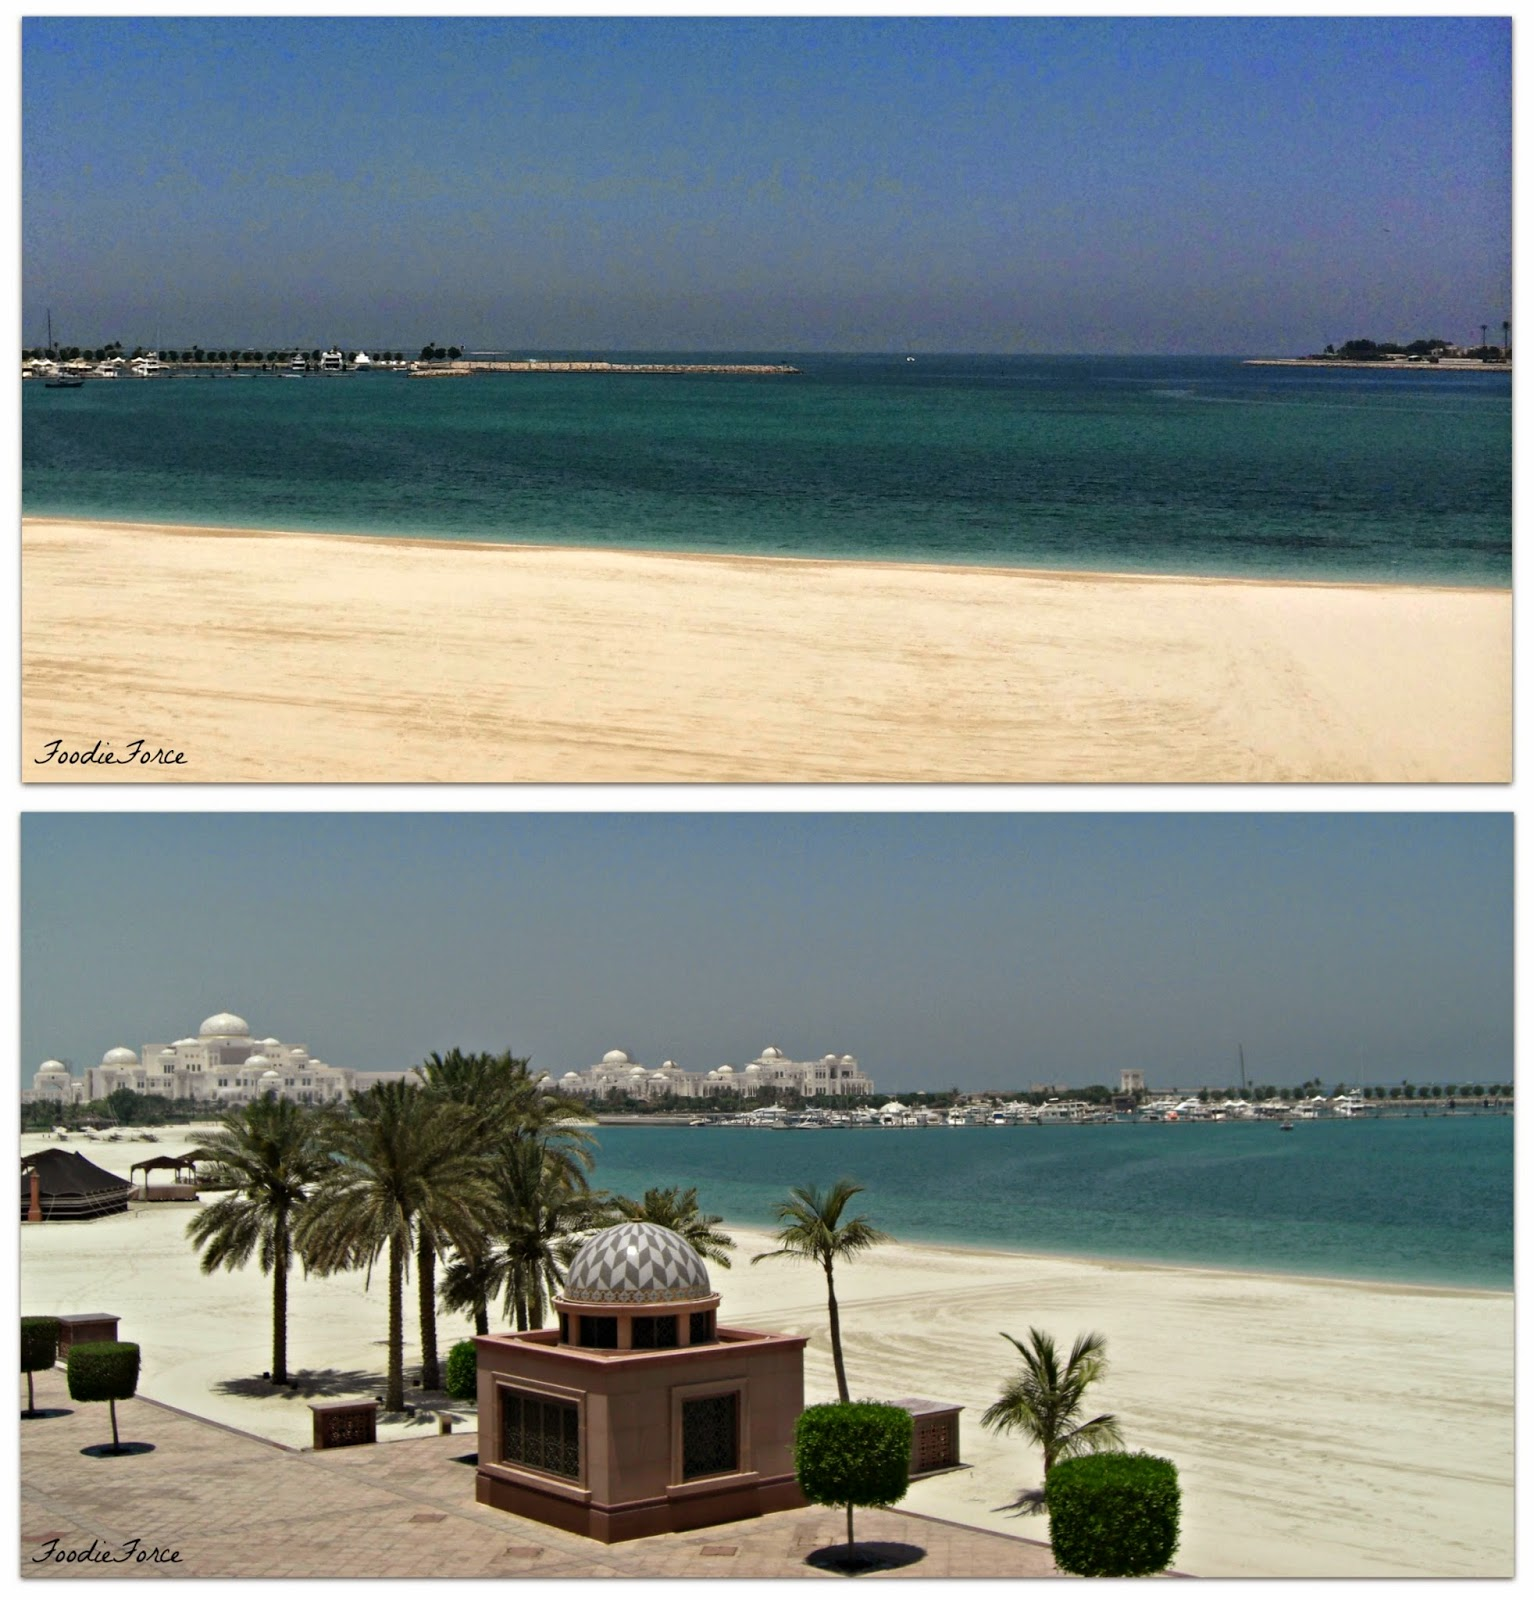 Emirate Palace beach